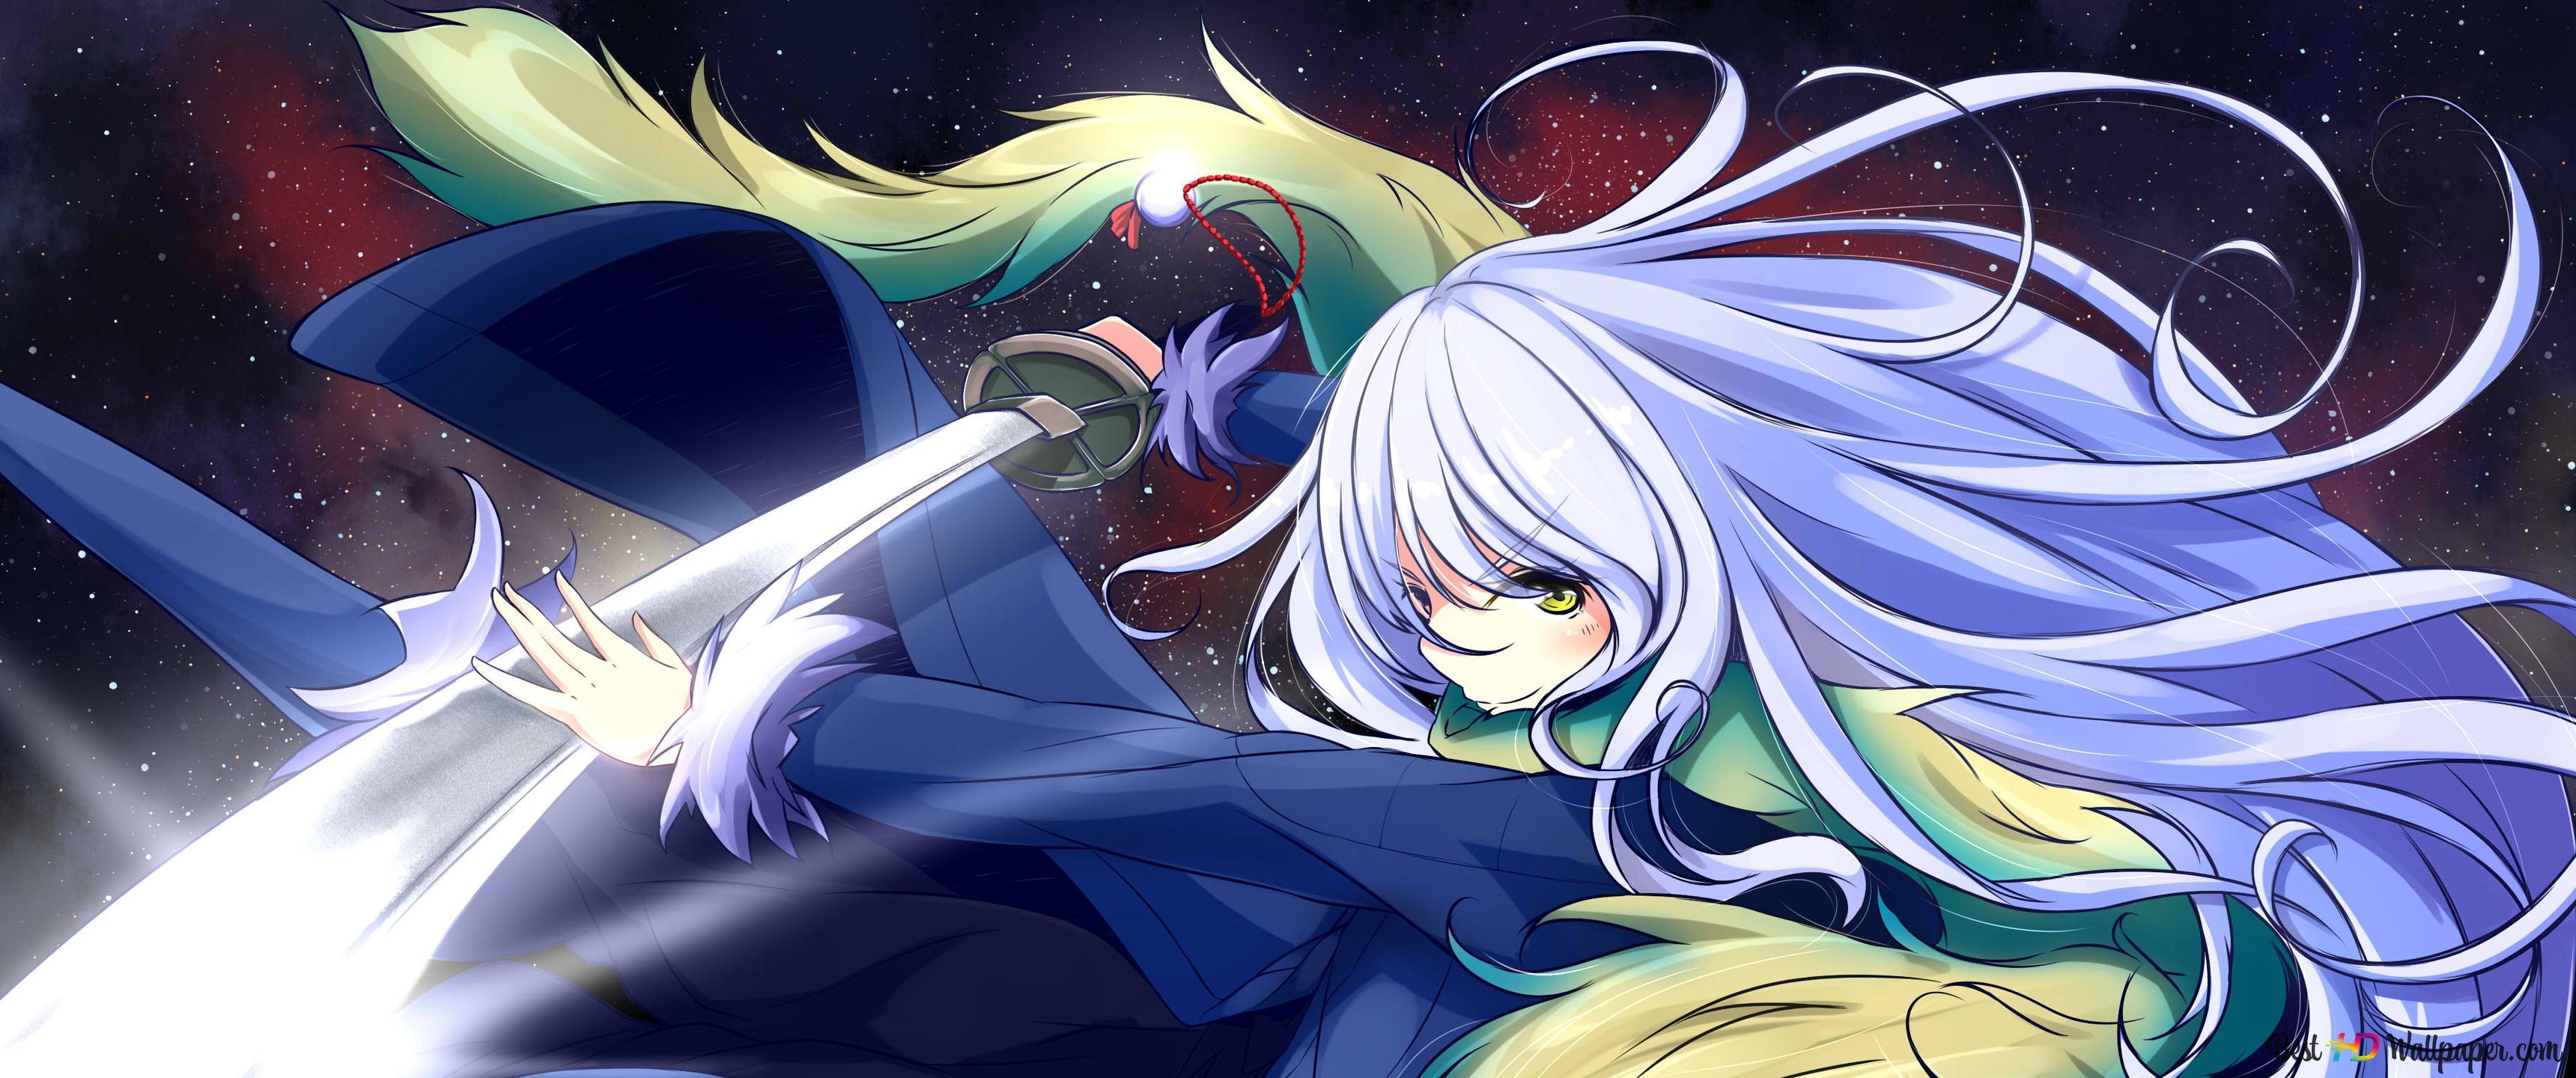 30++ 3440 X 1440 Anime Wallpaper - Sachi Wallpaper